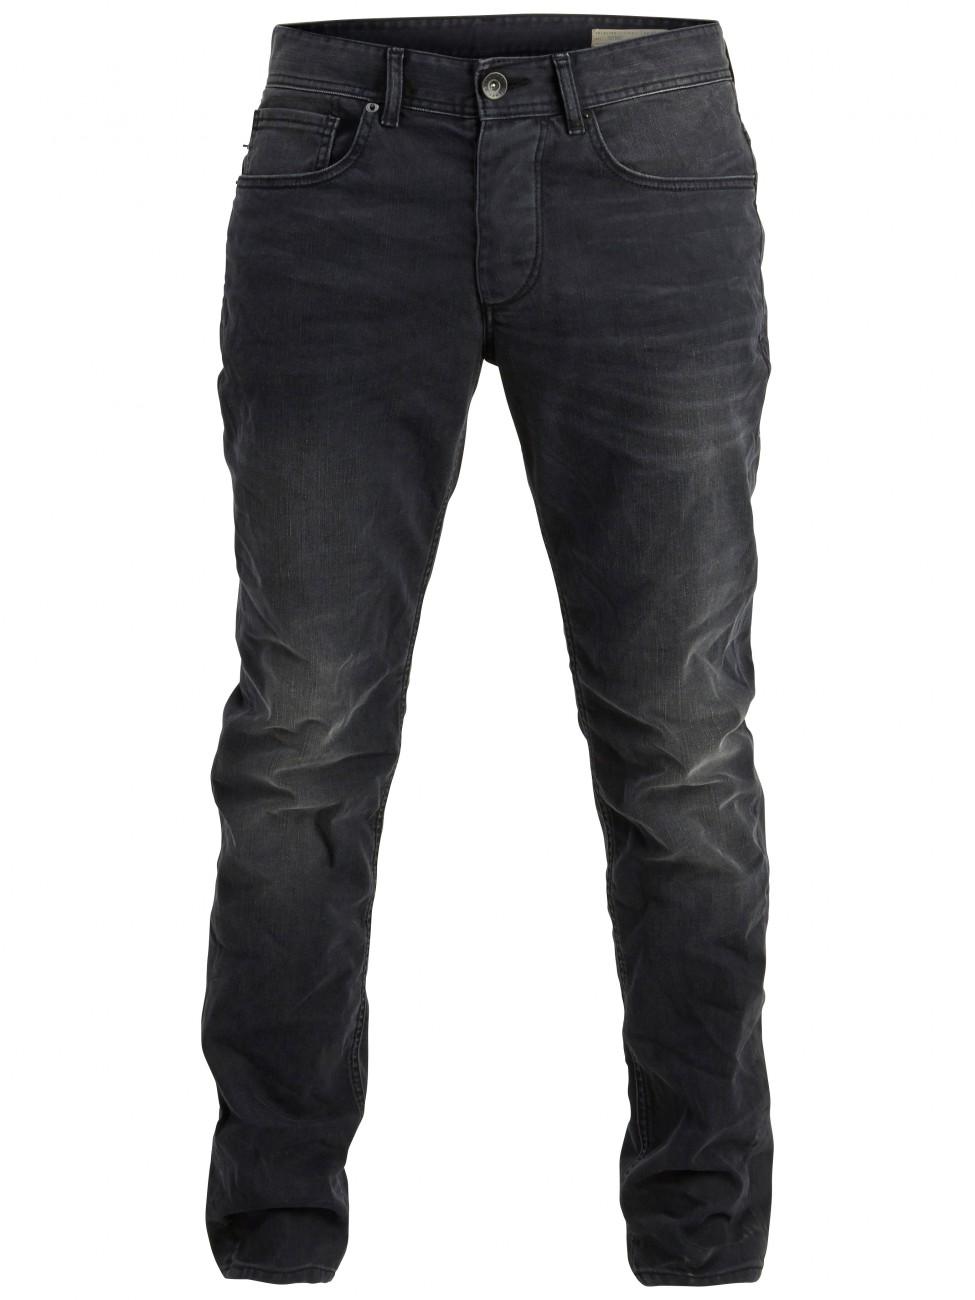 selected herren jeans 16038457 one 4166 grey jeans noos skinny fit. Black Bedroom Furniture Sets. Home Design Ideas